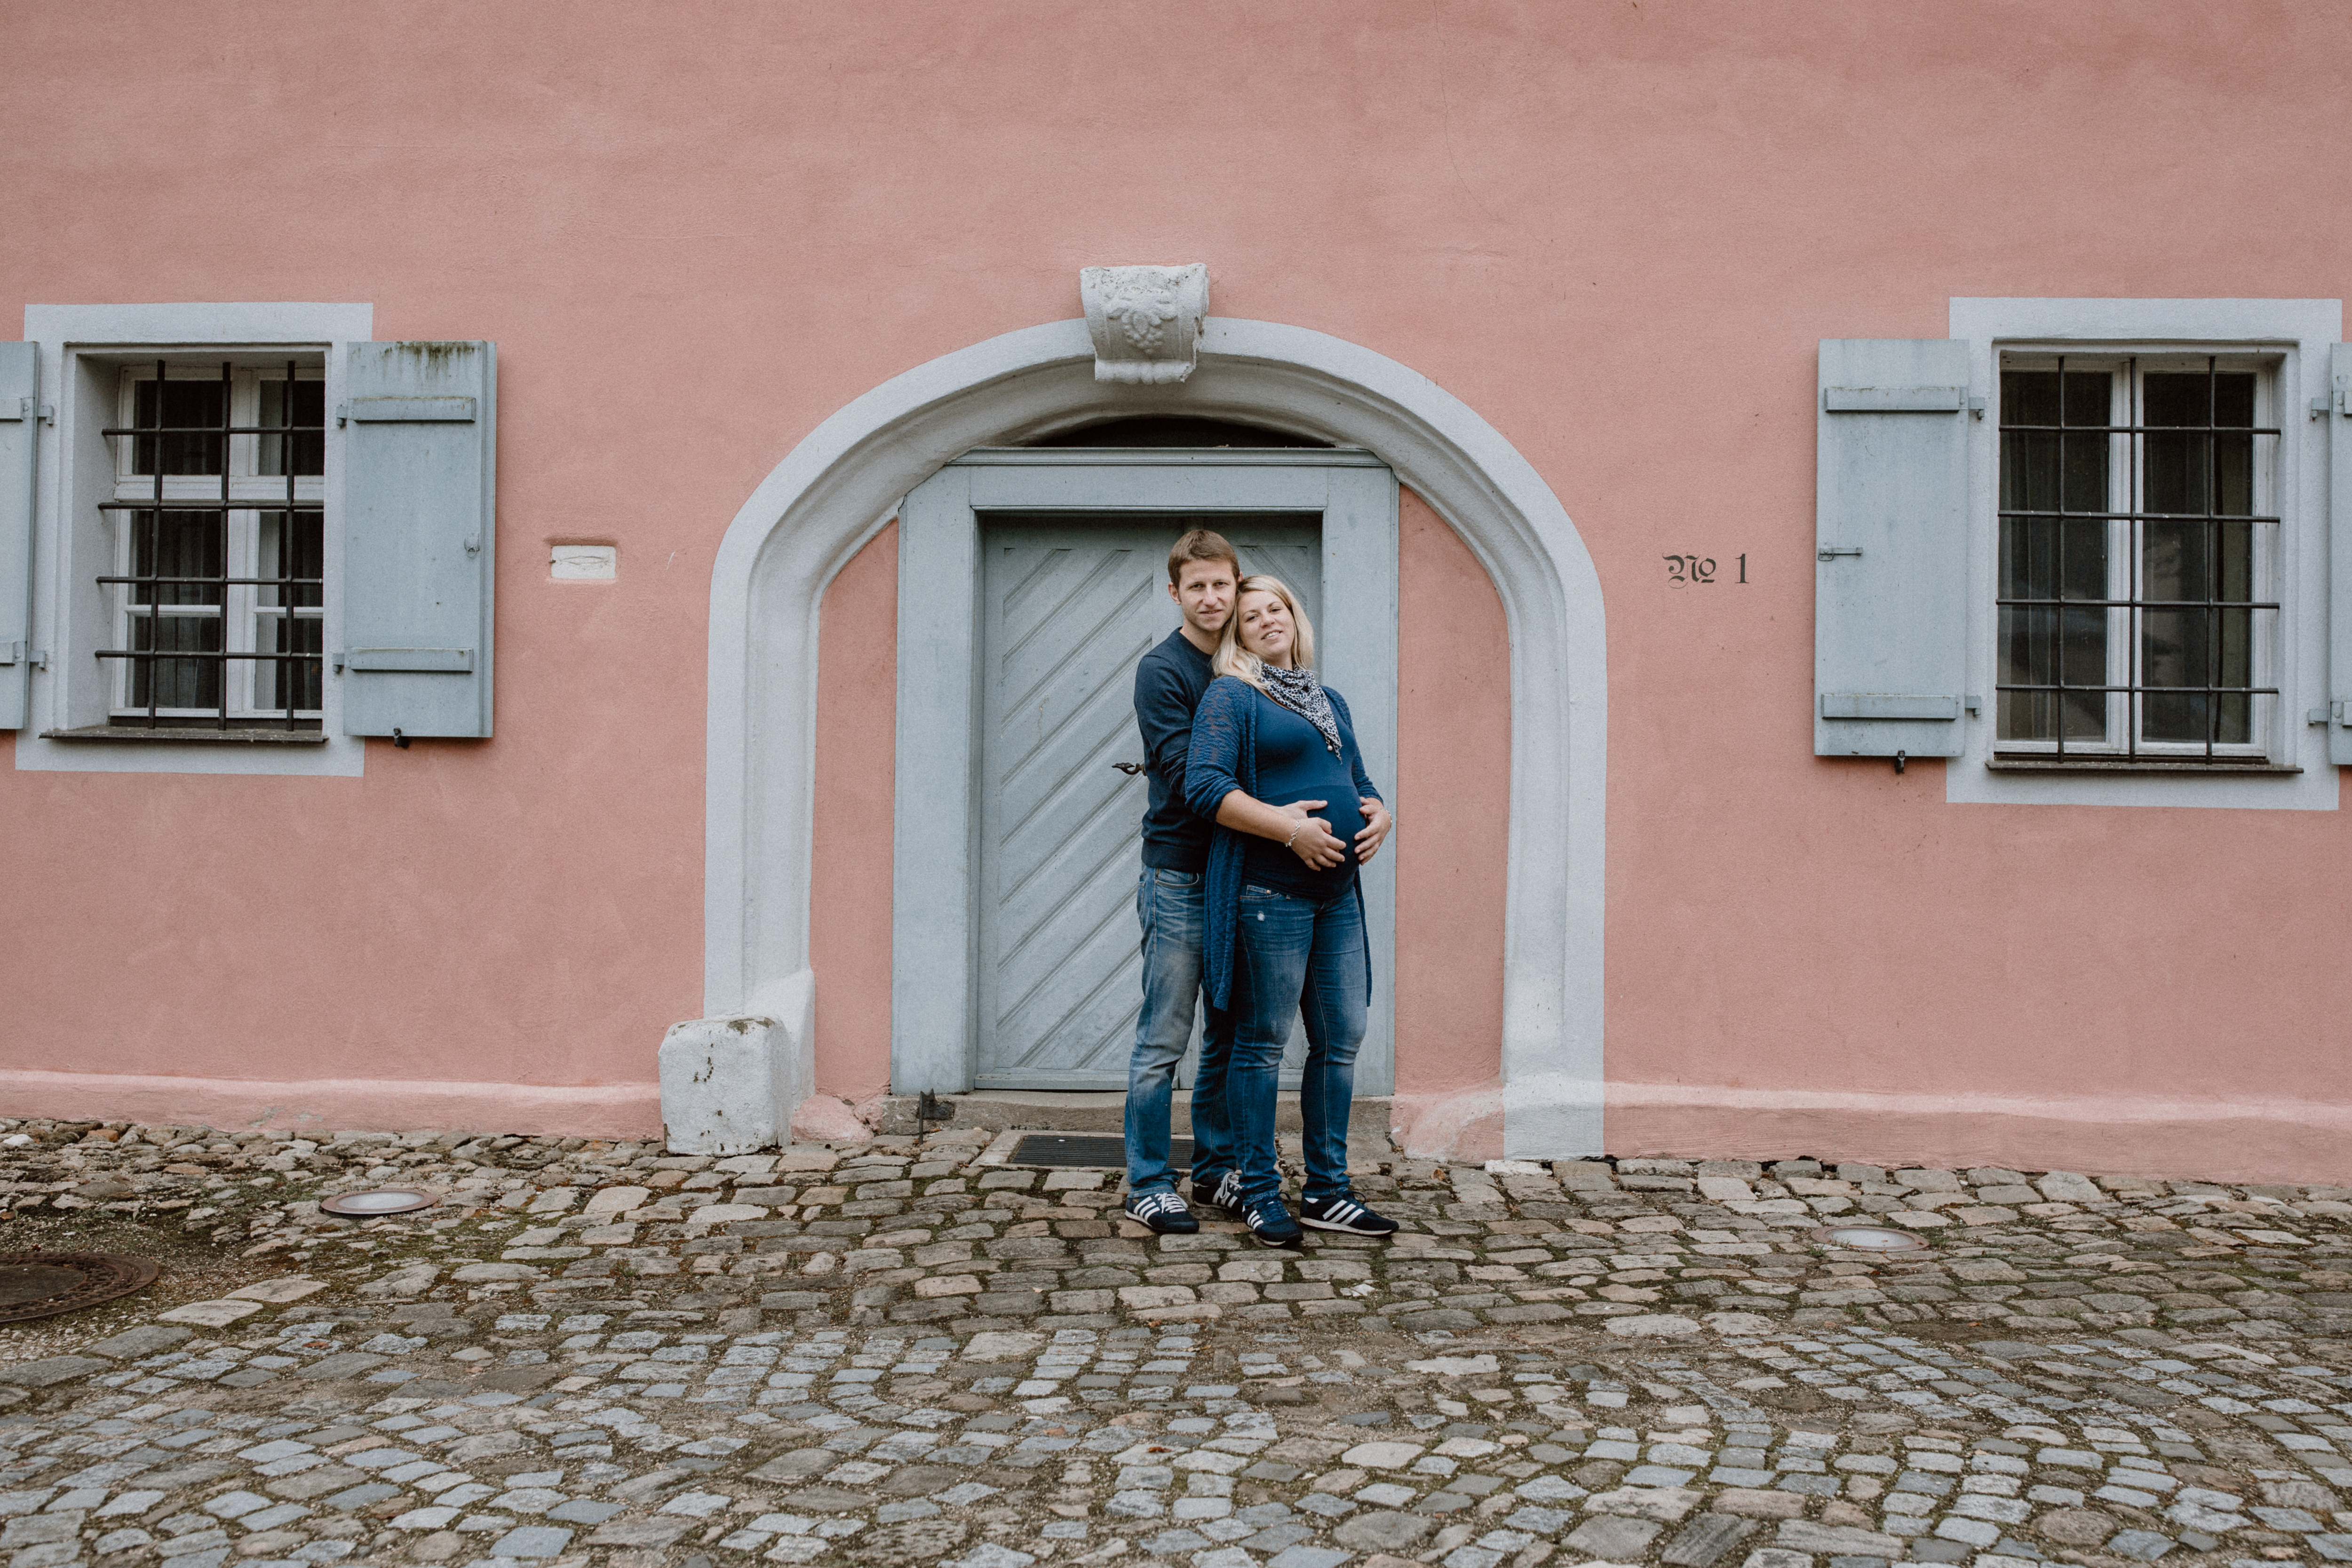 URBANERIE_Daniela_Goth_Fotografin_Nürnberg_Fürth_Erlangen_Schwabach_17902_001_0134